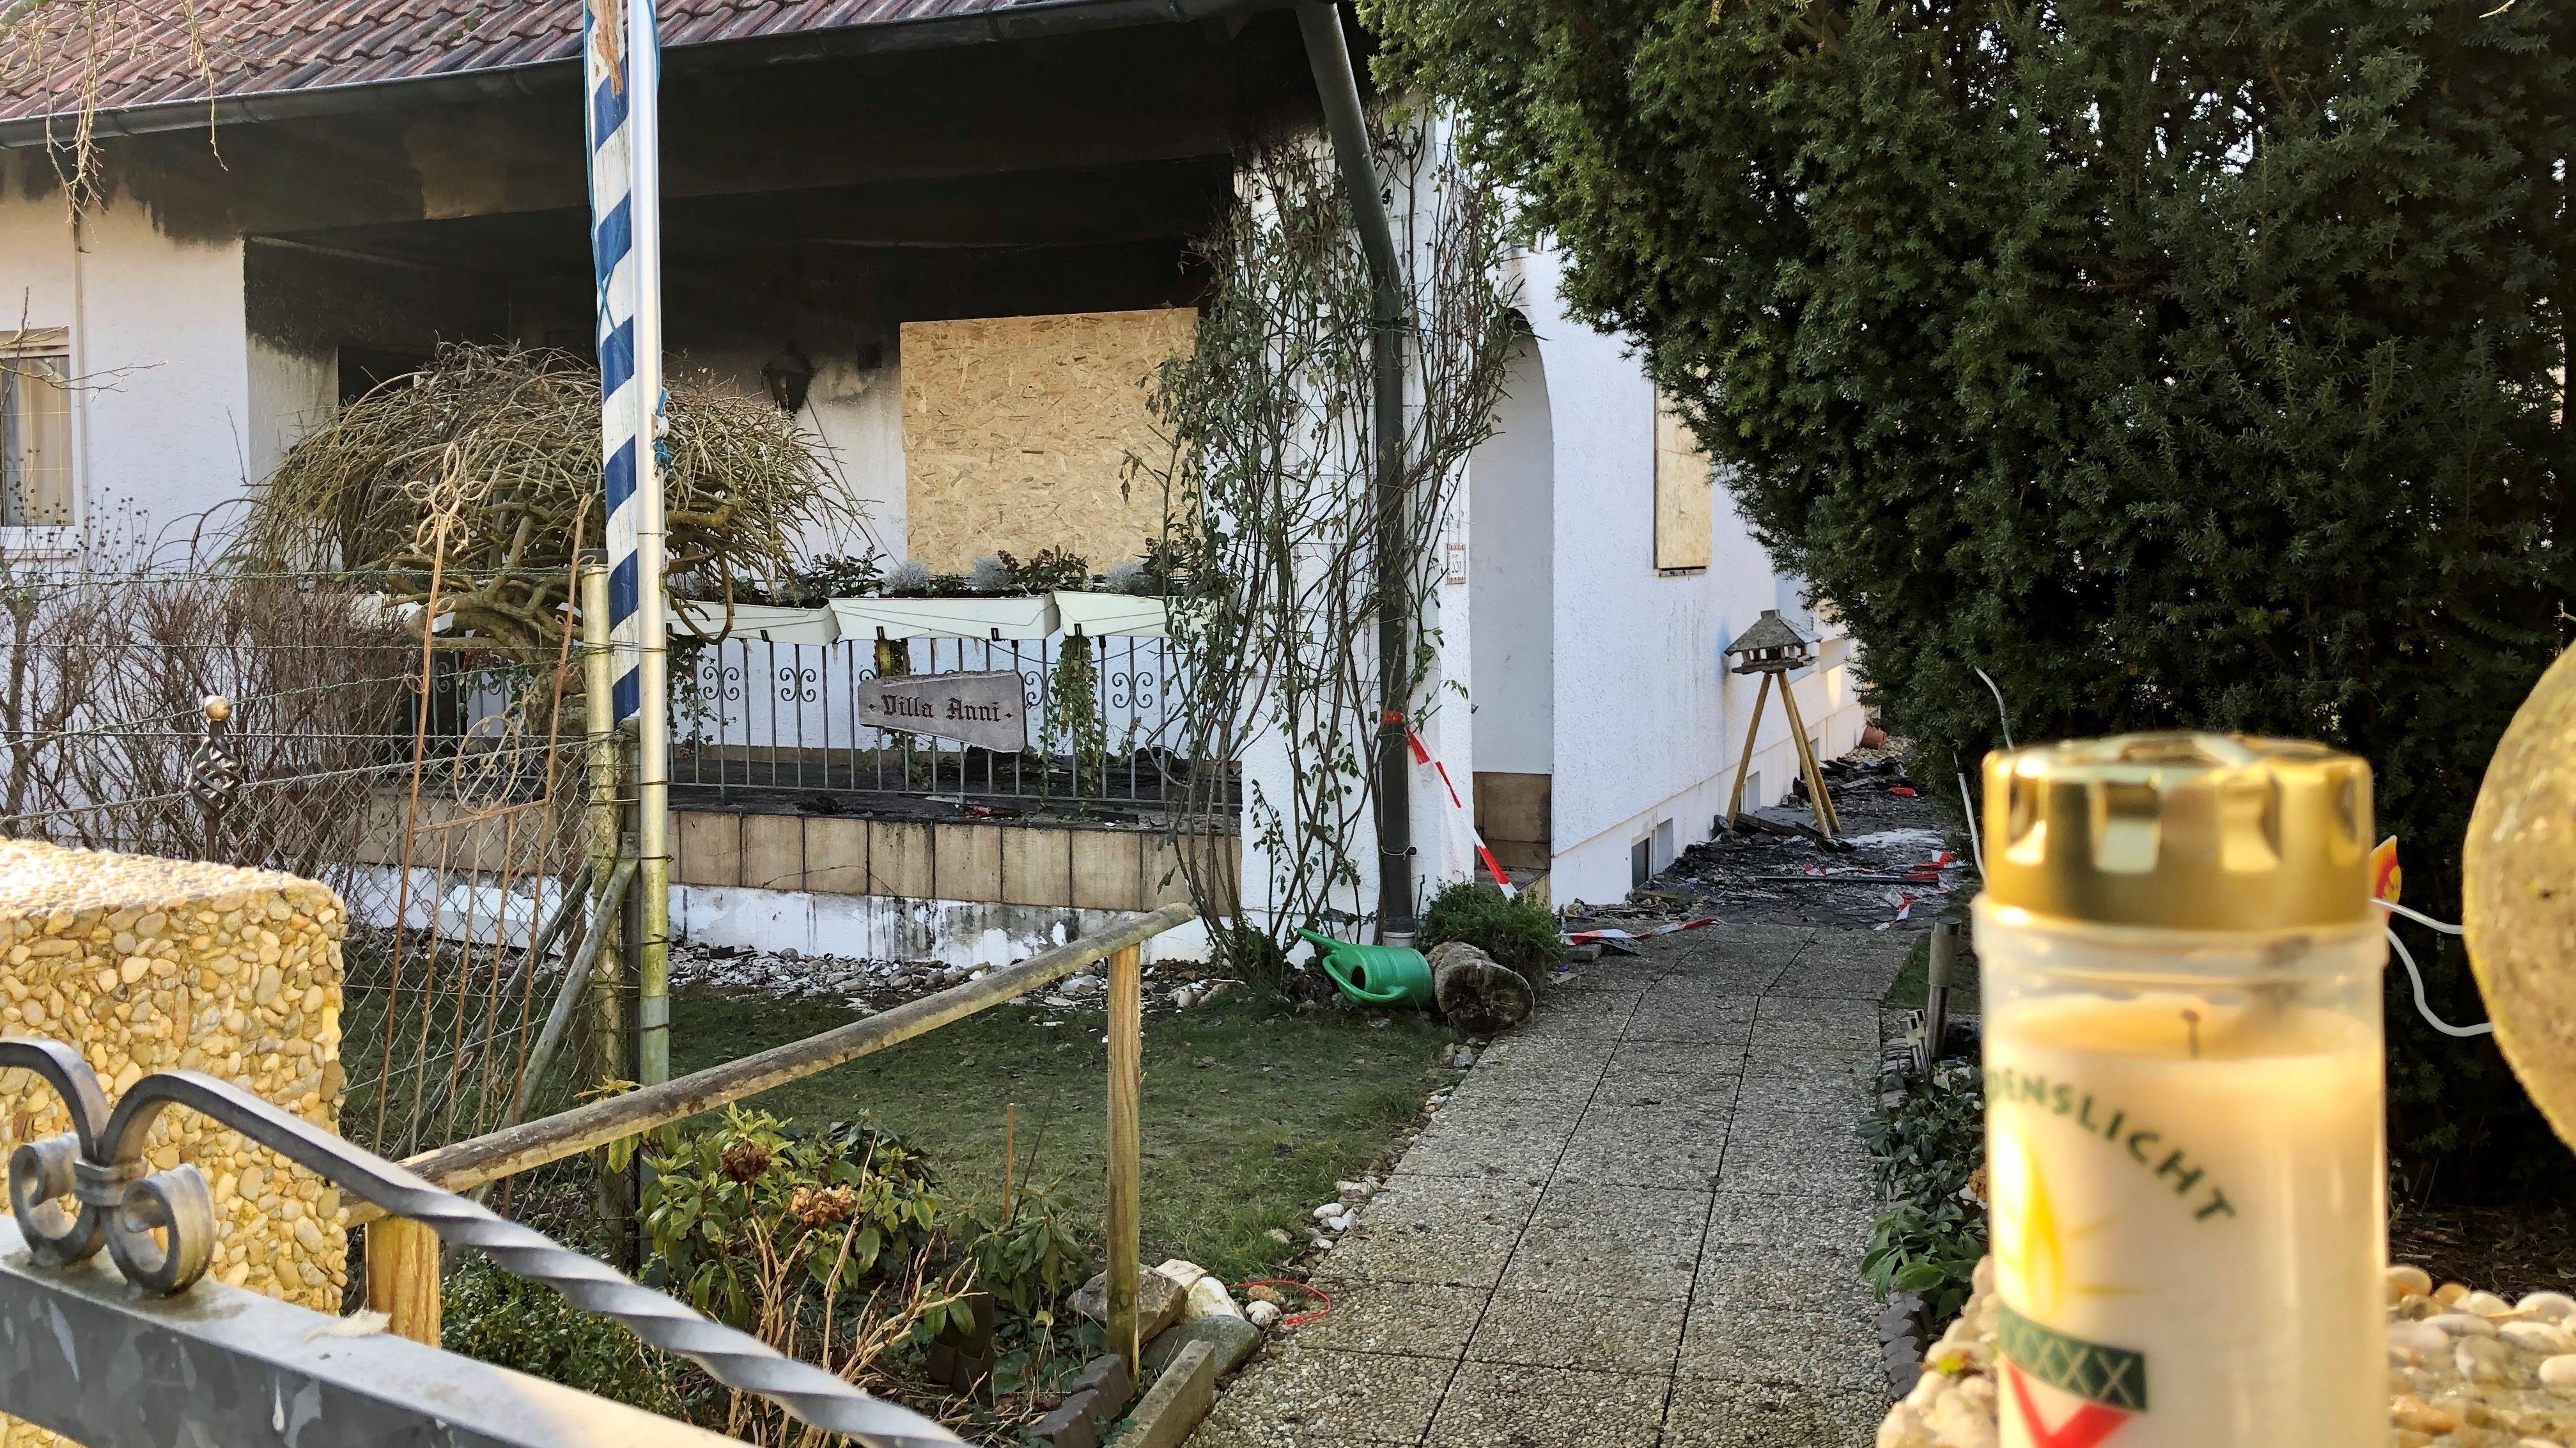 Am Tag danach vor dem abgebrannten Einfamilienhaus